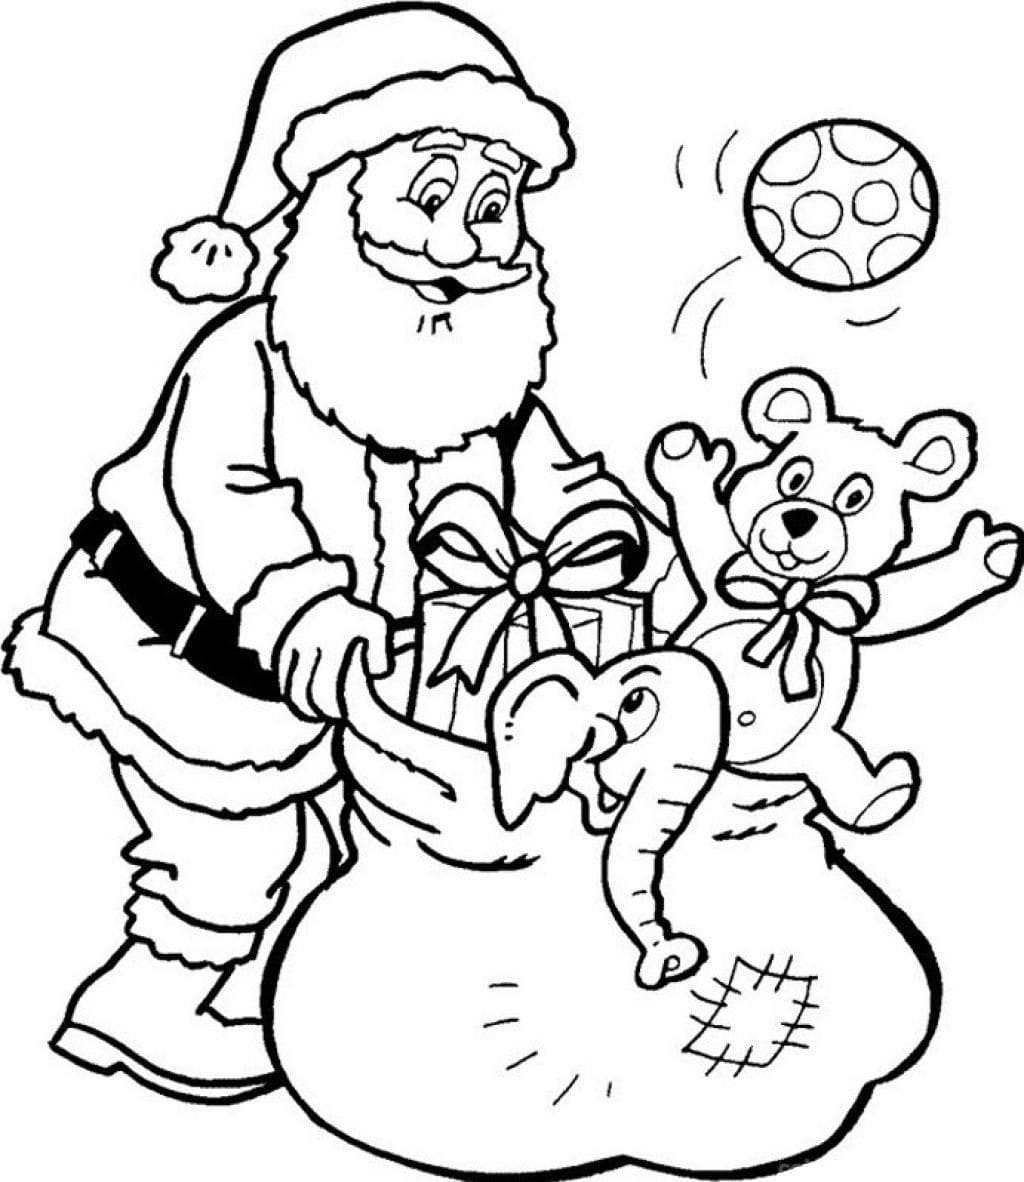 Ausmalbilder Weihnachtsmann  18 Bilder zum kostenlosen Drucken